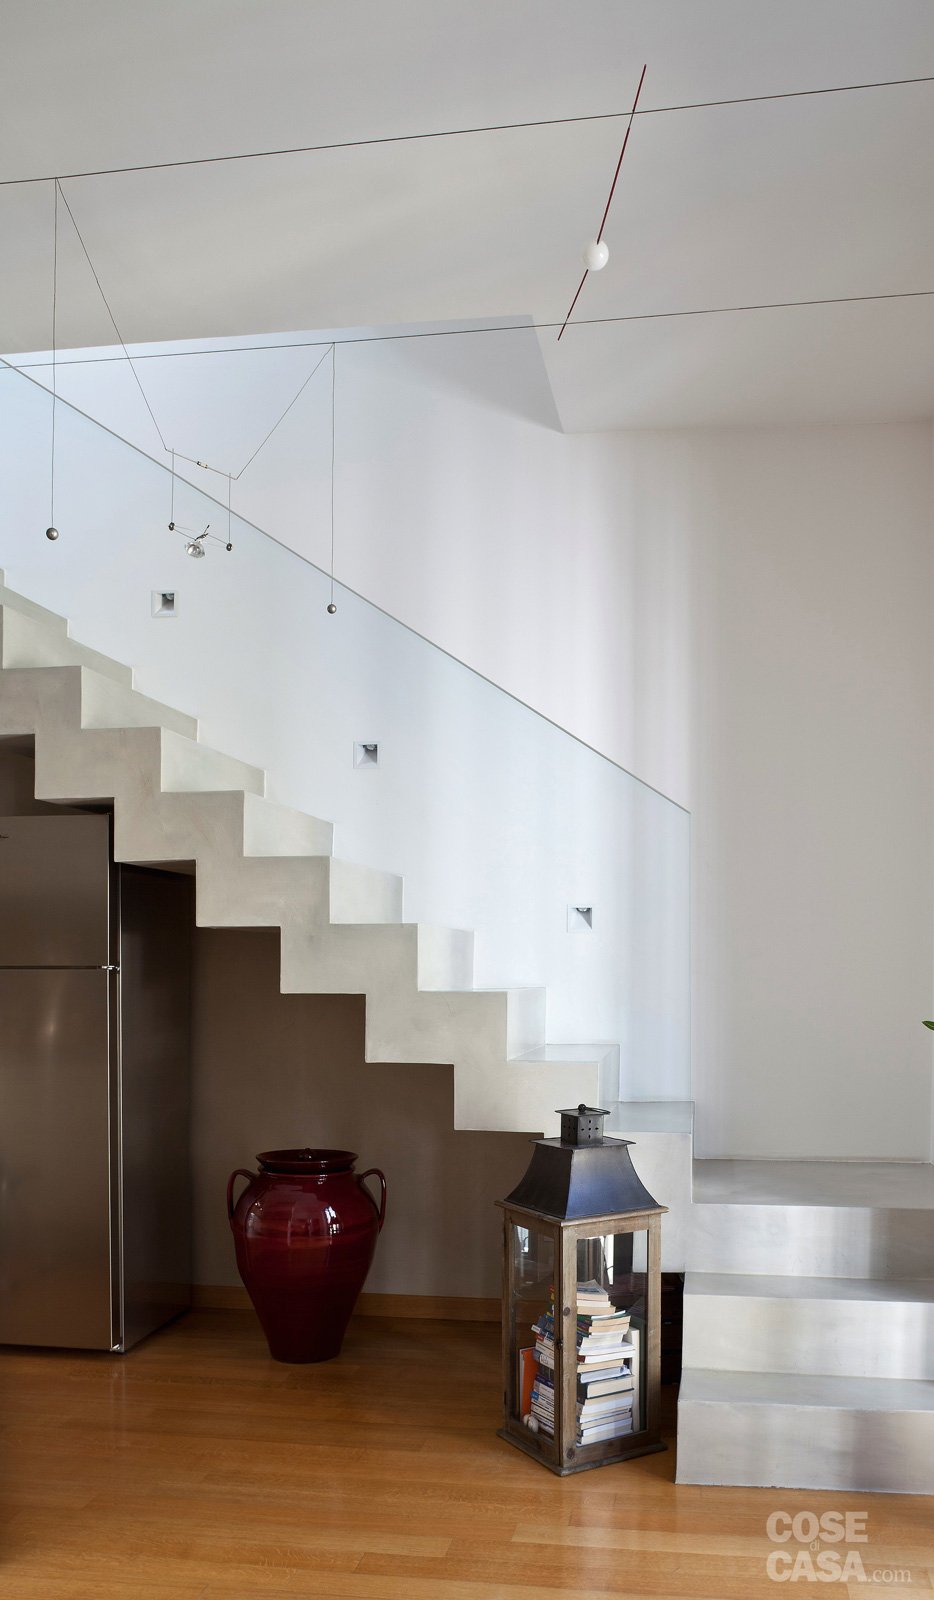 Una casa da copiare 10 idee tra spunti d 39 arredo e decor - Arredare scale interne ...